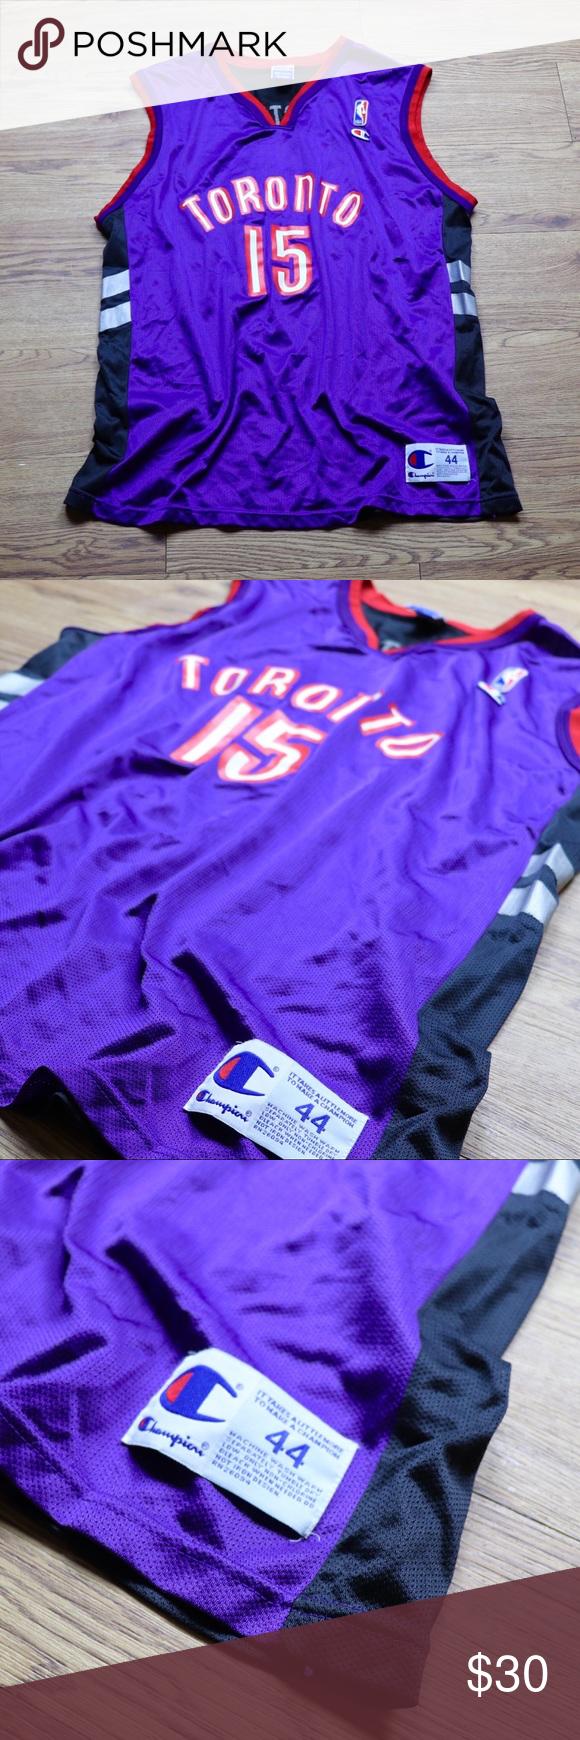 Vintage Vince Carter Toronto Raptors Jersey Vintage  7b9ef04bd